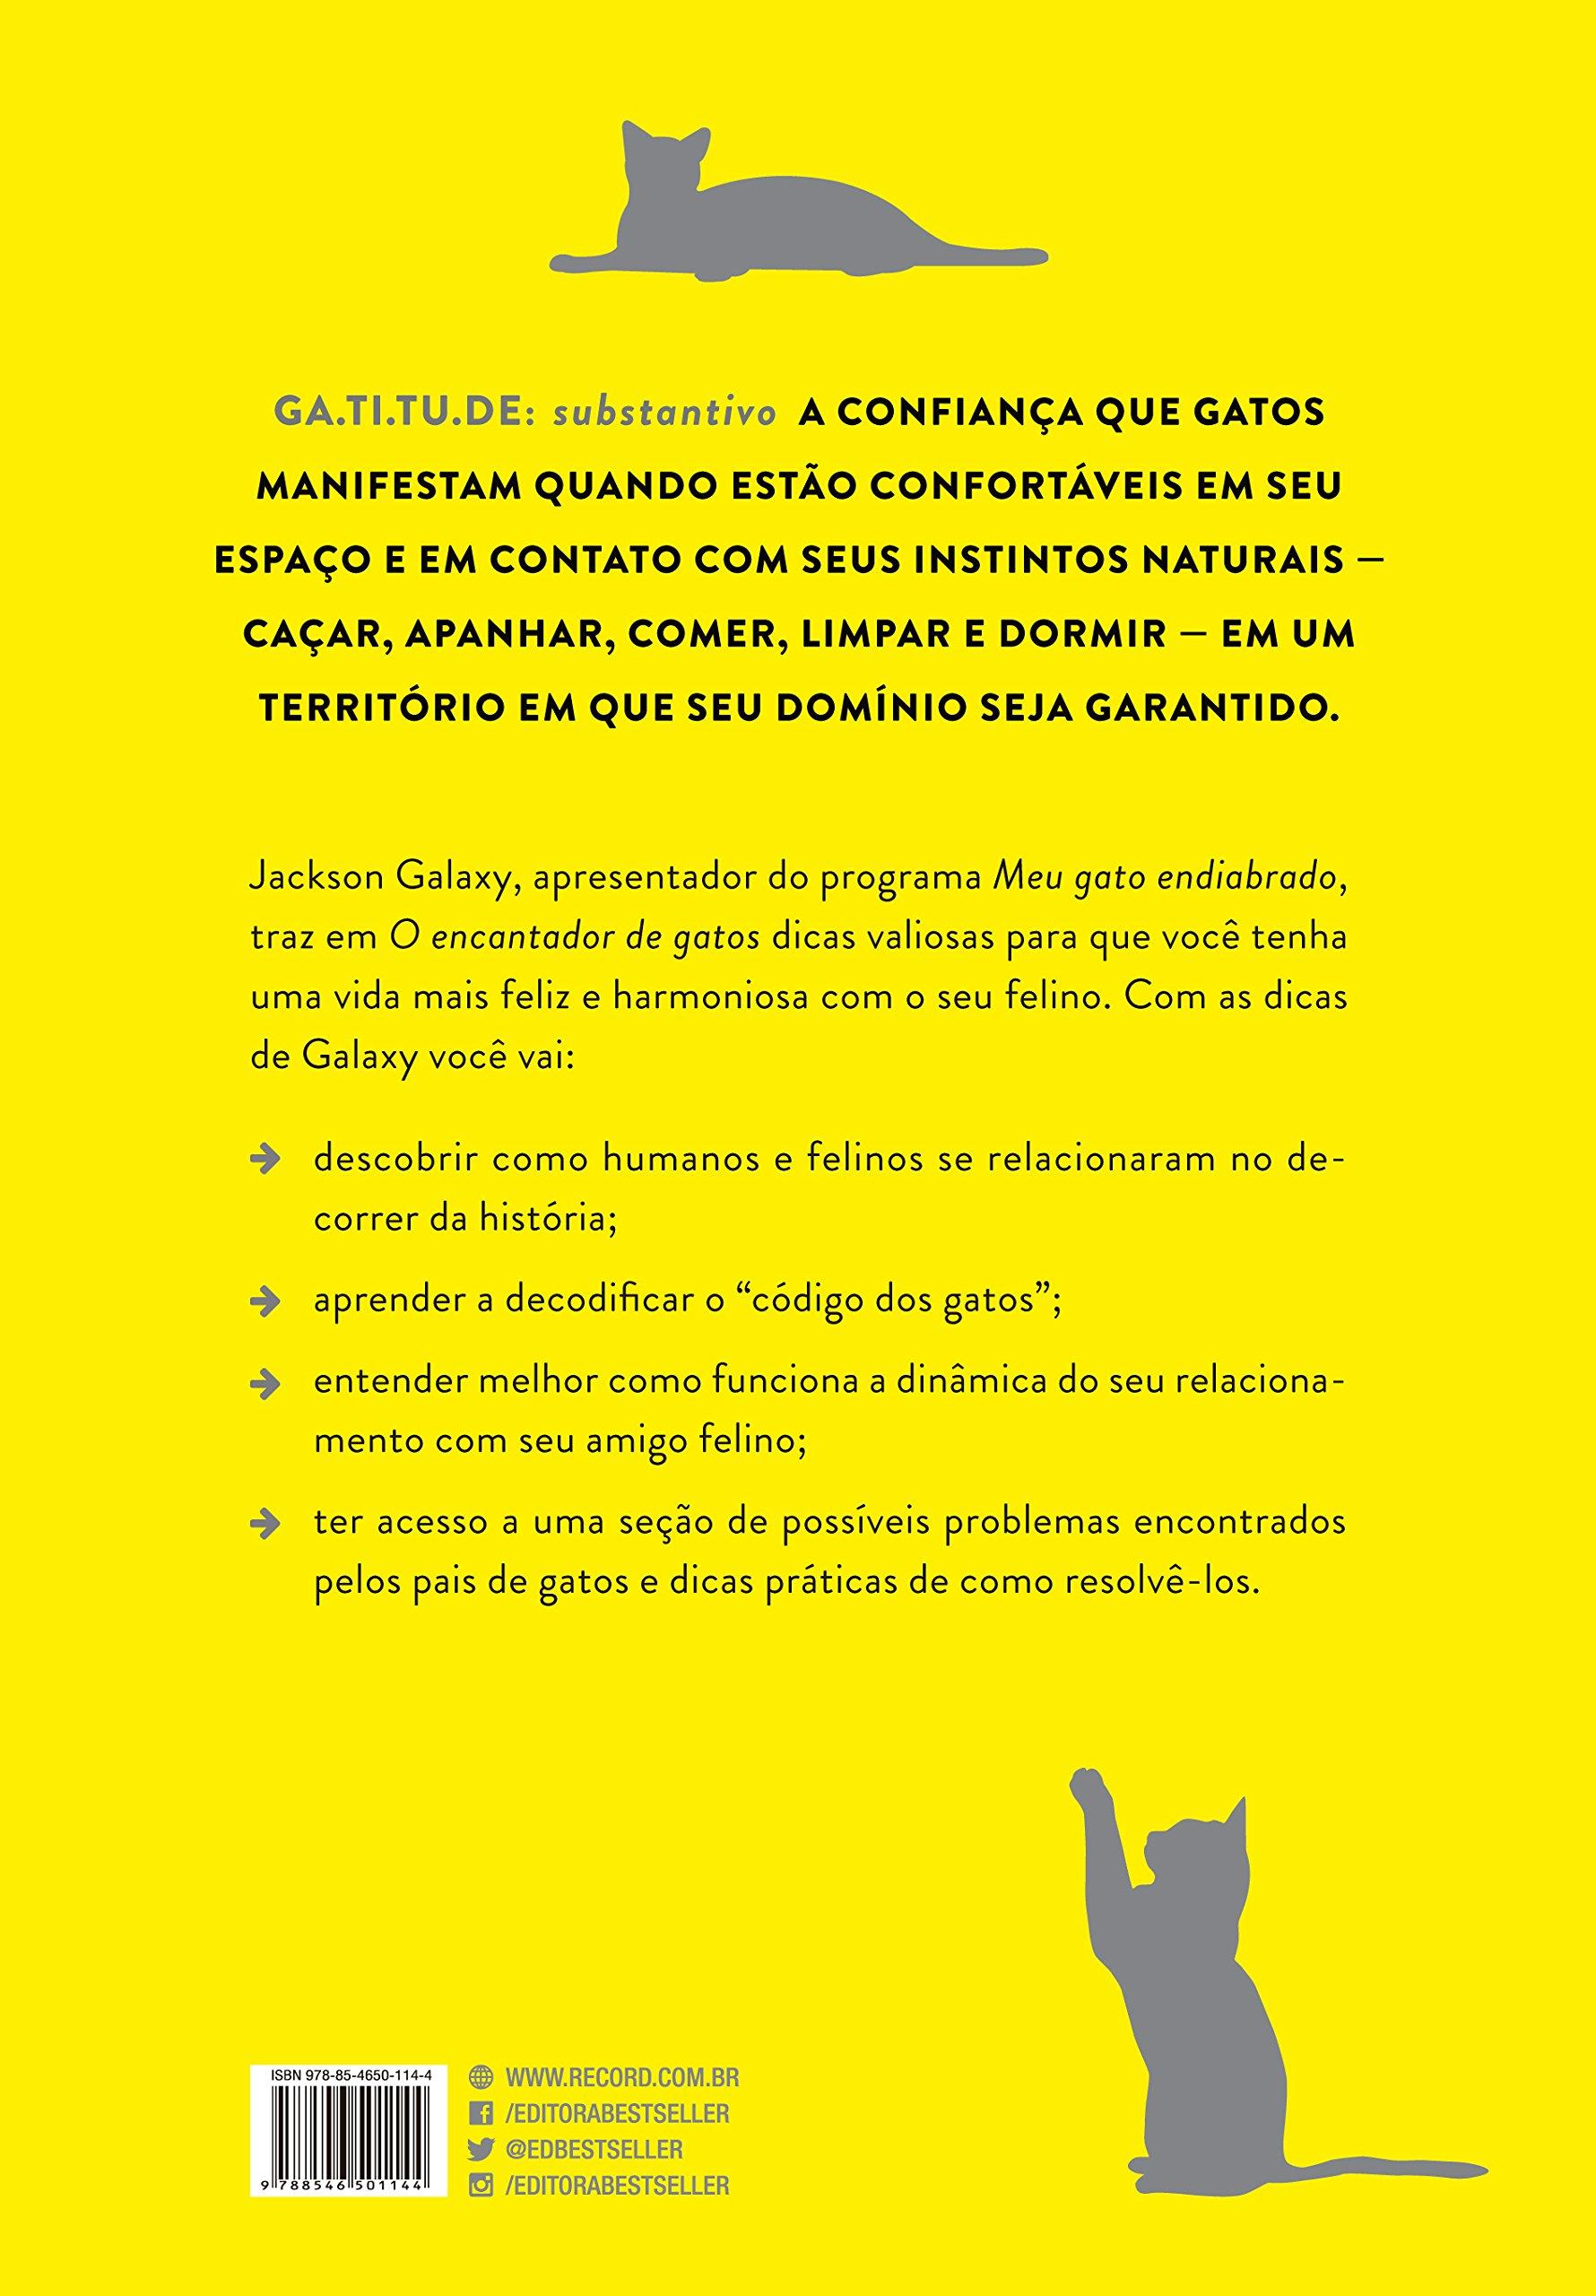 O Encantador de Gatos. O Guia Definitivo Para a Vida com Seu Felino (Em Portugues do Brasil): Jackson Galaxy e Mikel Delgado: 9788546501144: Amazon.com: ...